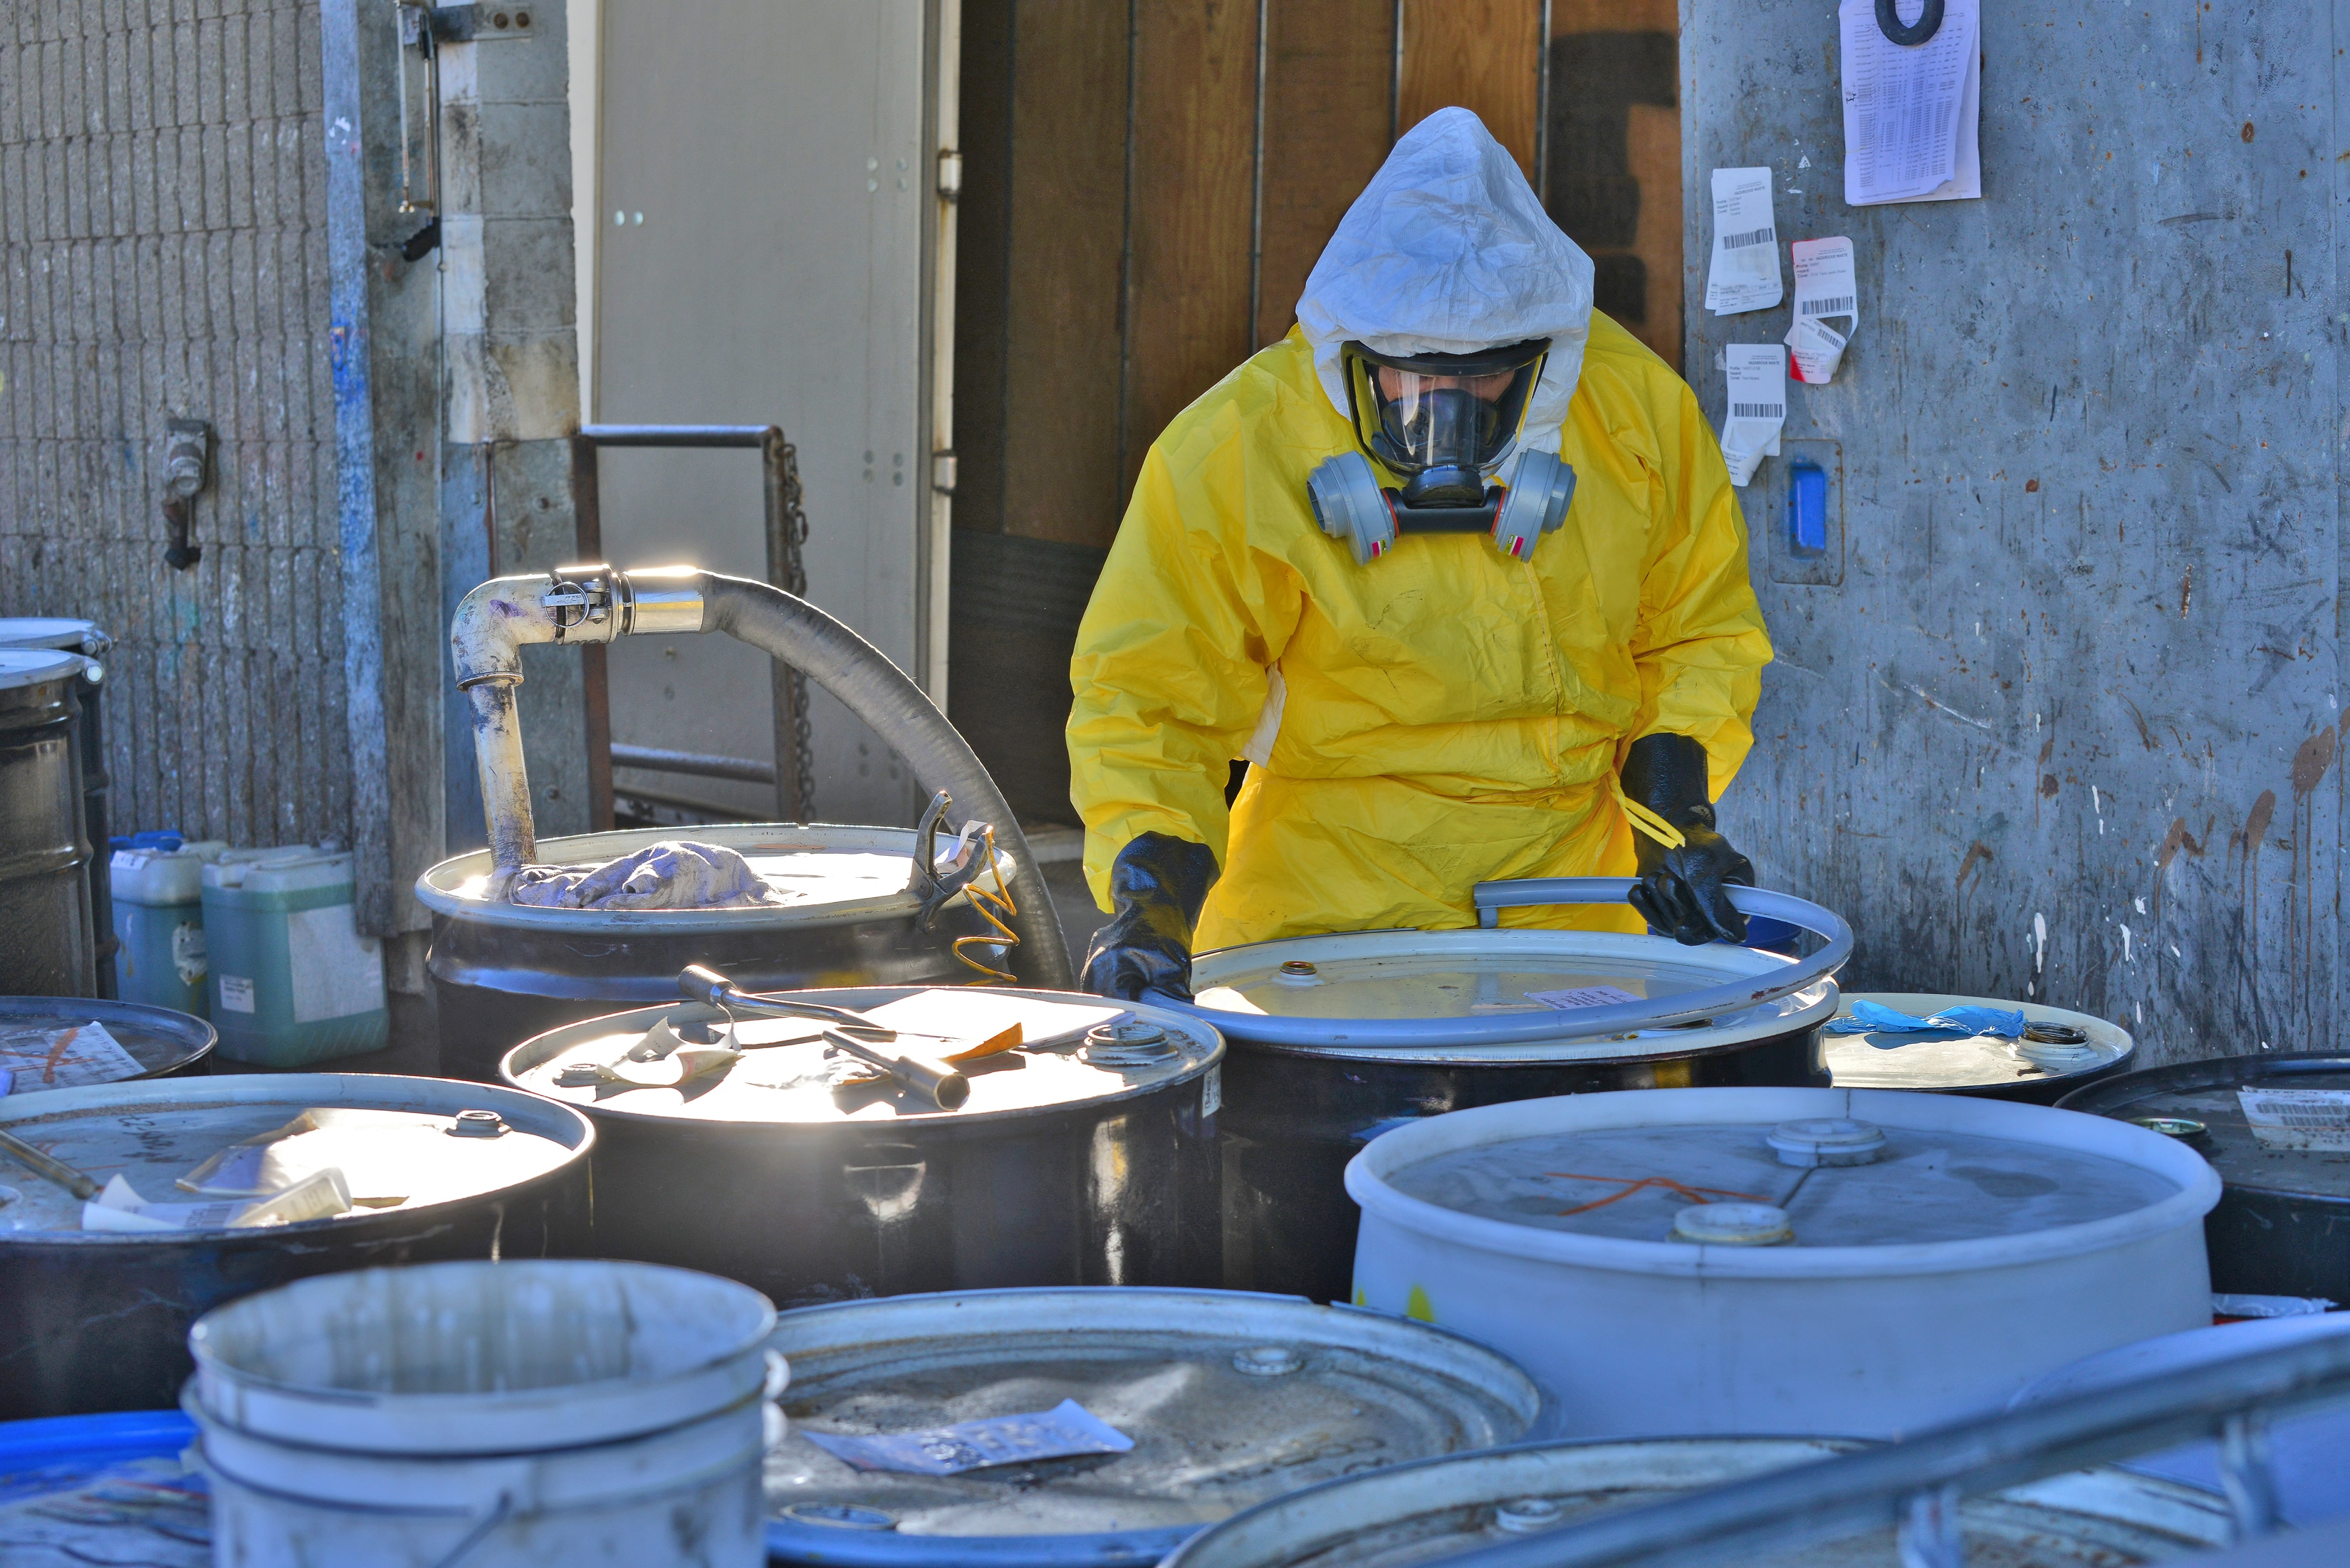 Man handling toxic waste - Image